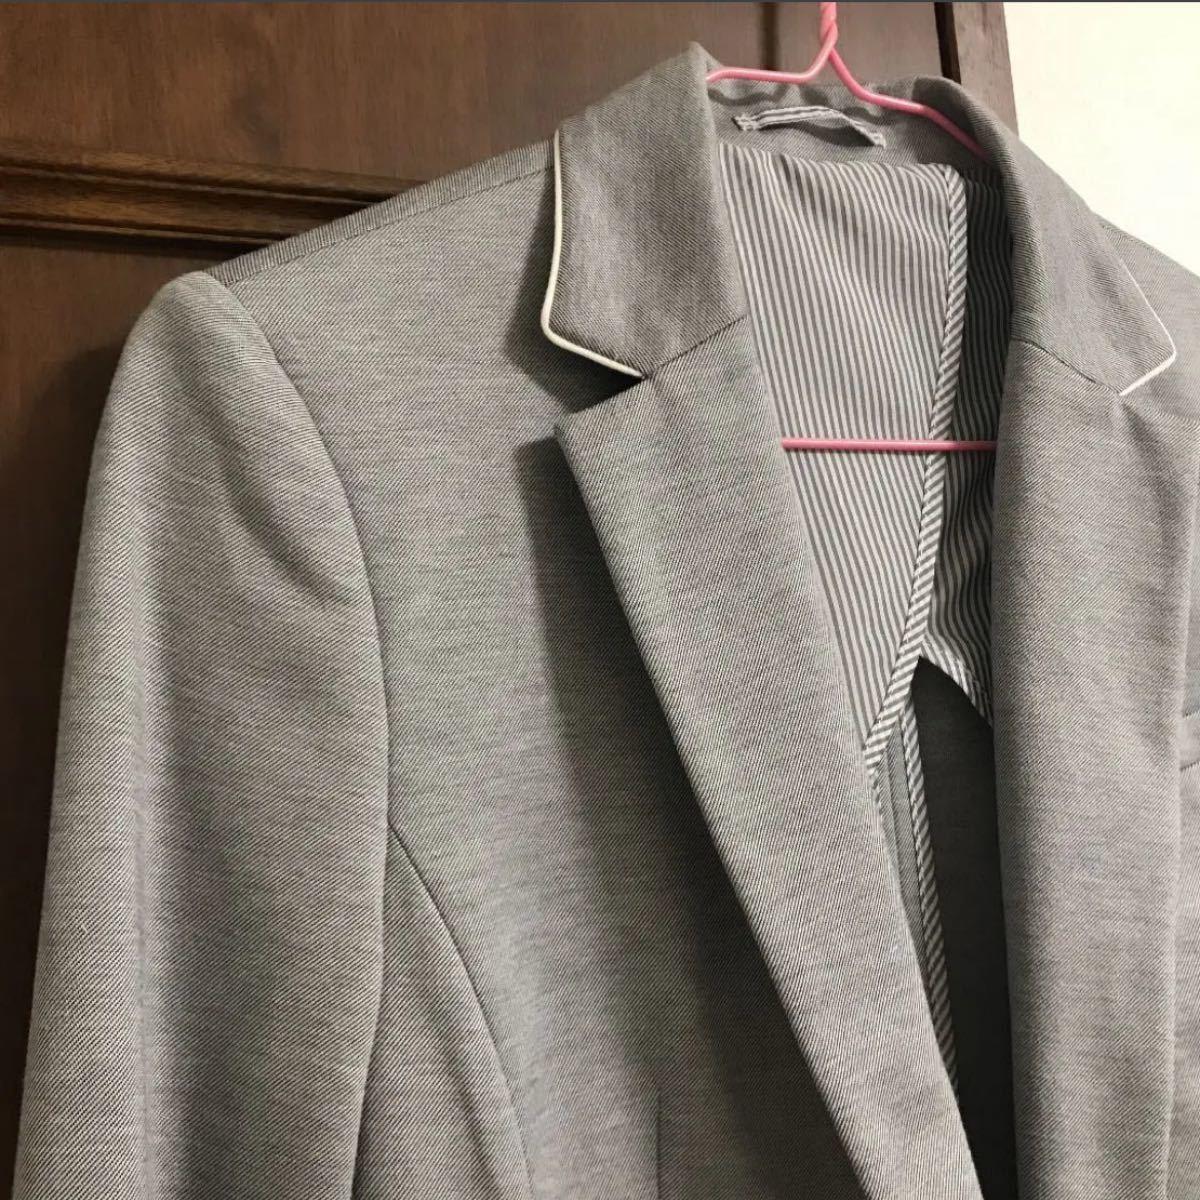 スーツセレクト テーラードジャケット レディース グレー 春夏 オフィス OL